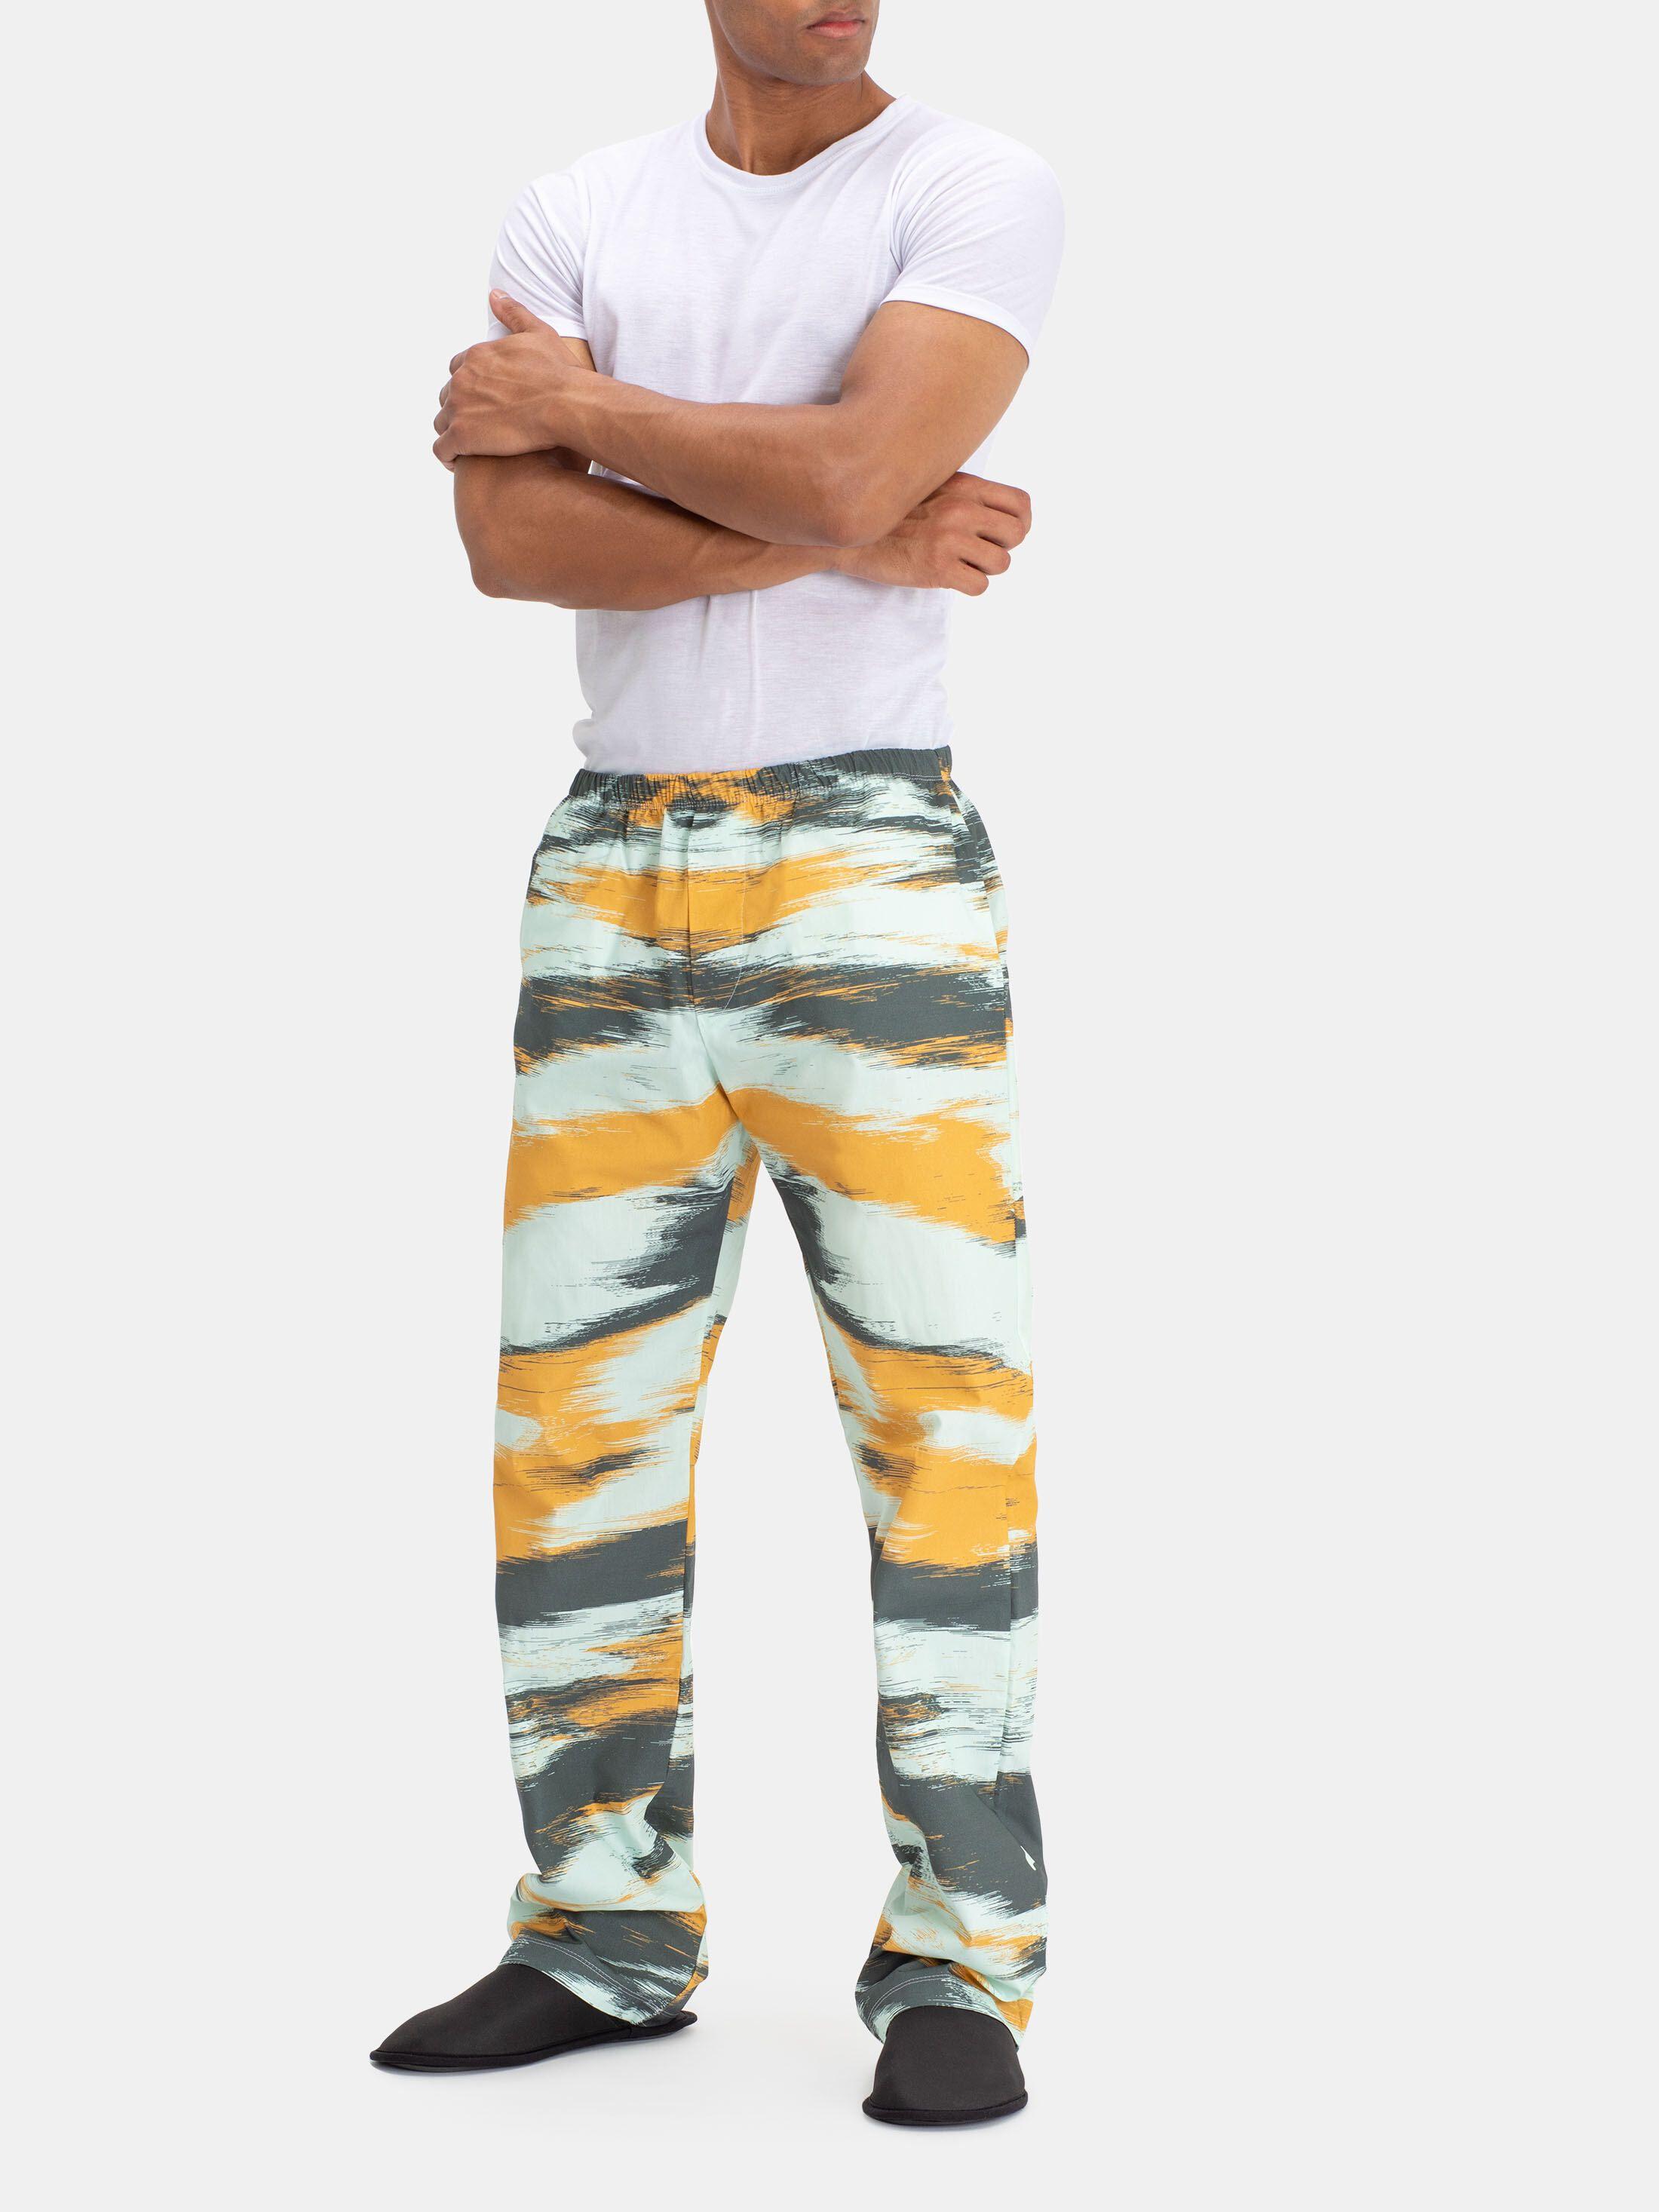 メンズパジャマズボンにデザイン印刷